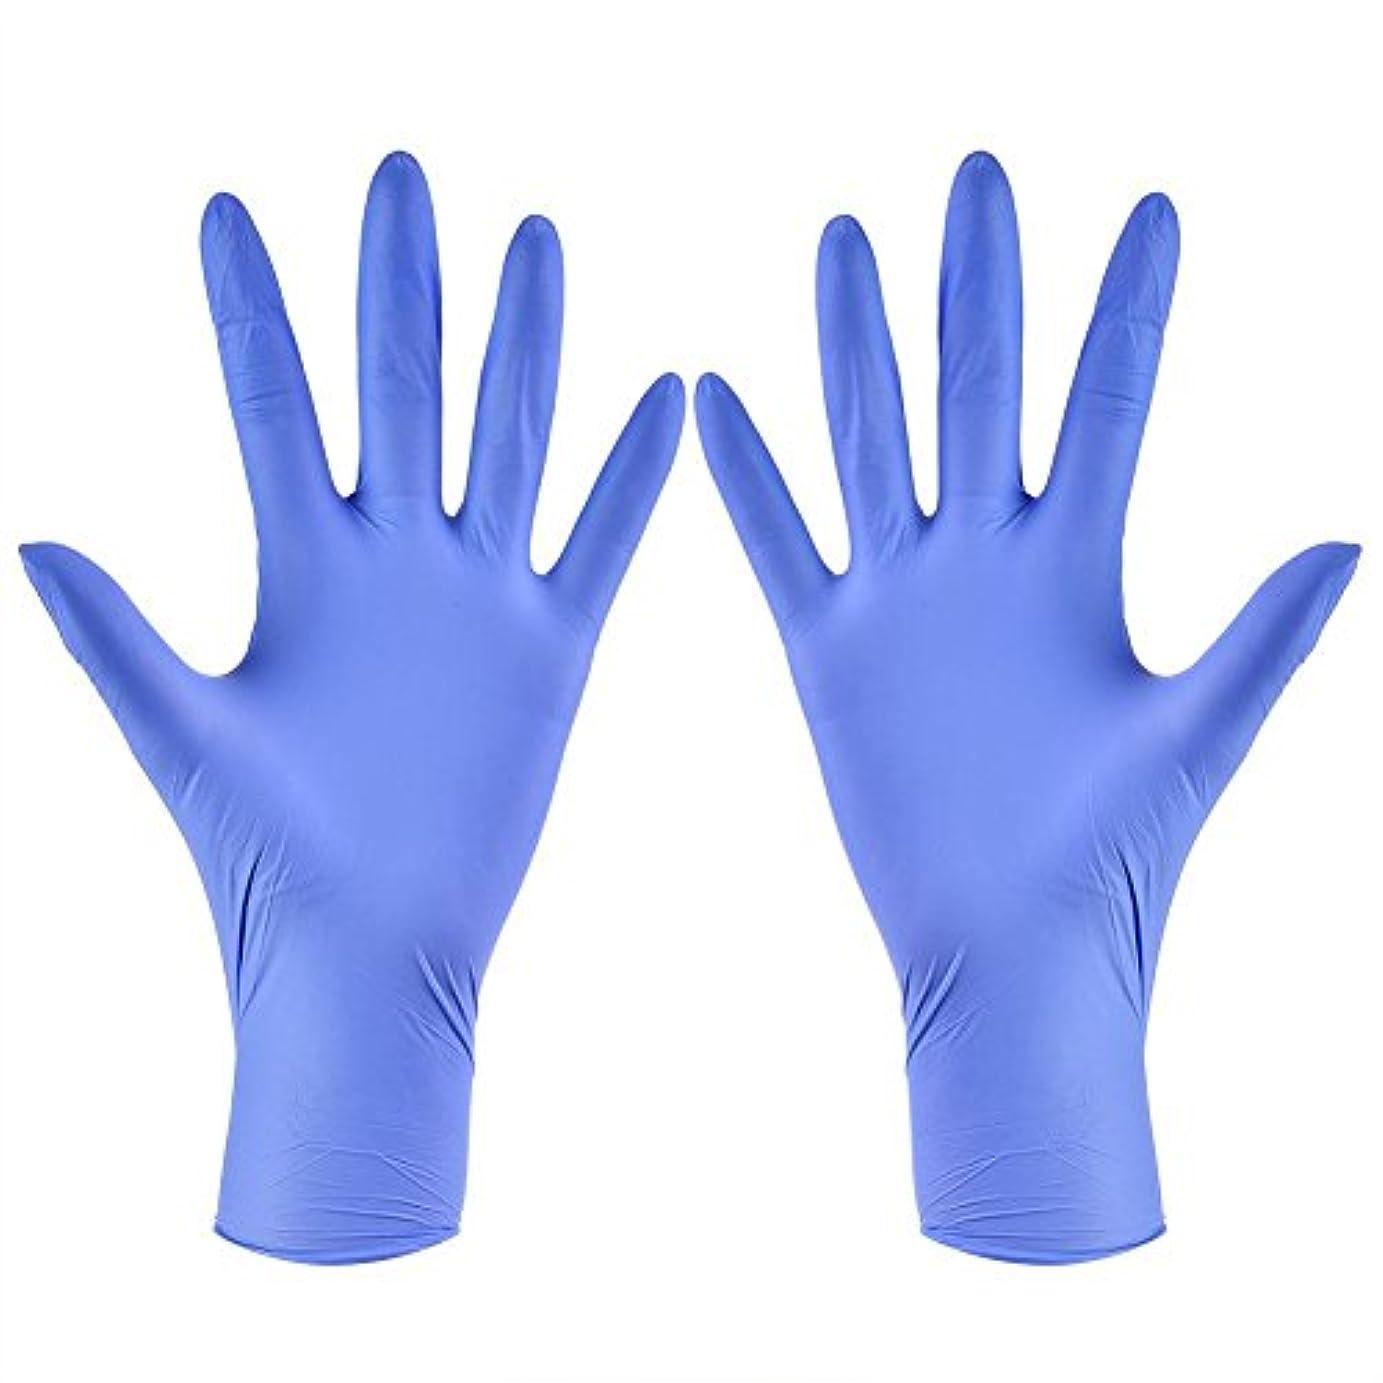 アナログプールケイ素使い捨て手袋 ニトリルグローブ ホワイト 粉なし タトゥー/歯科/病院/研究室に適応 S/M/L/XL選択可 100枚 左右兼用(XL)